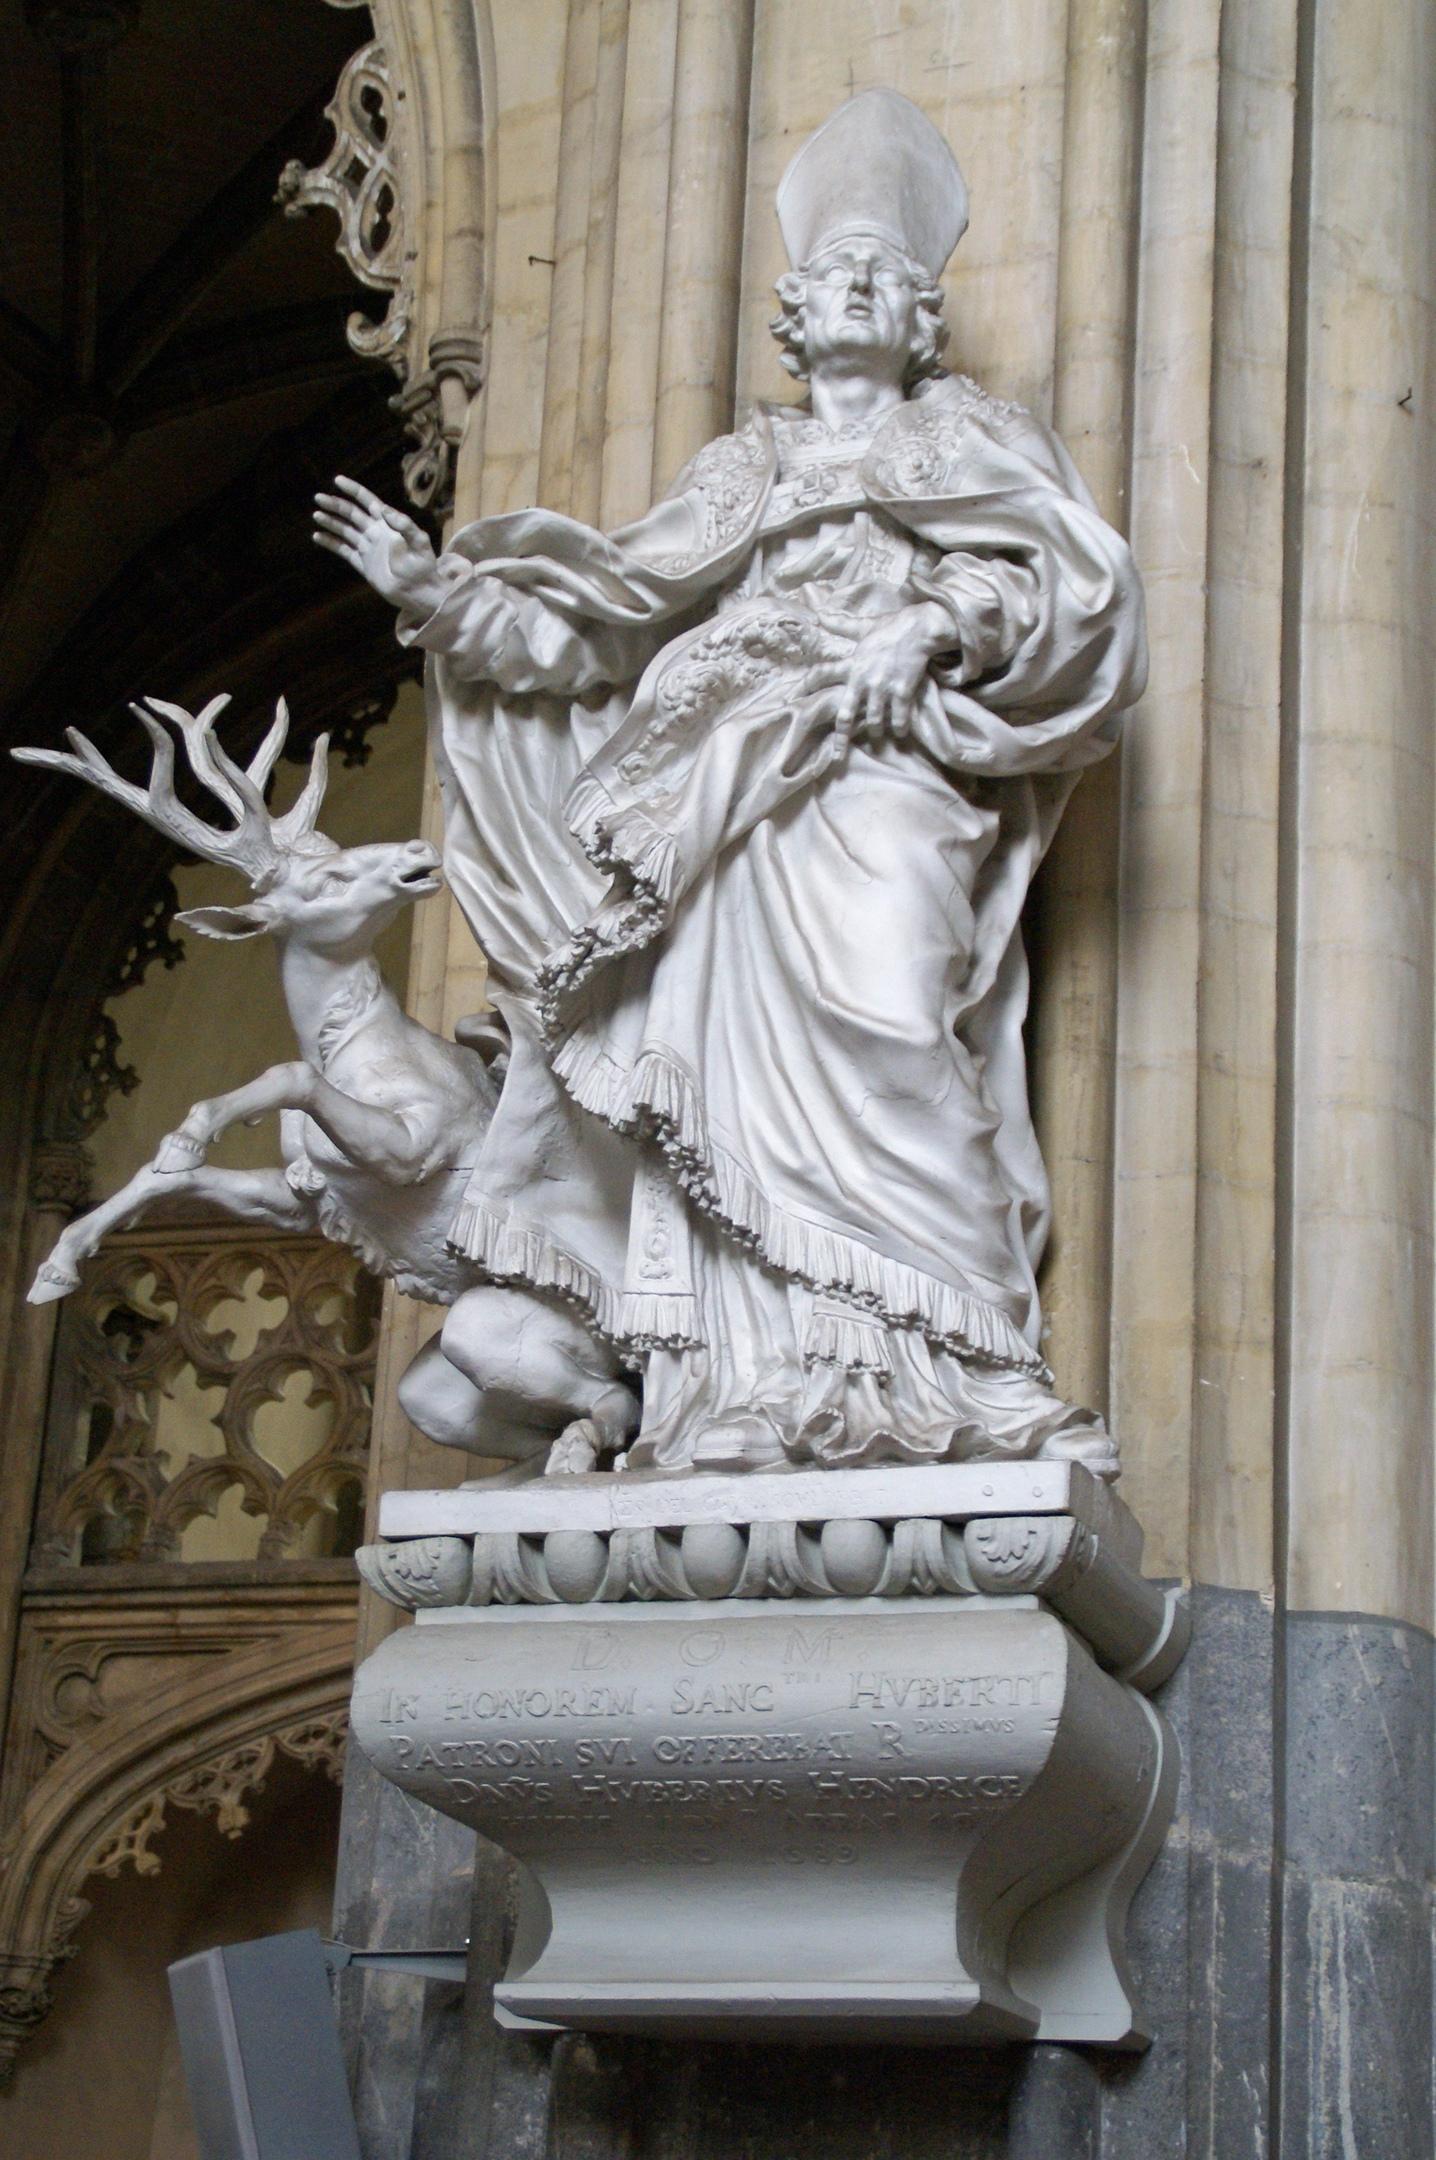 Святой Губерт: легенды и наследие, изображение №6